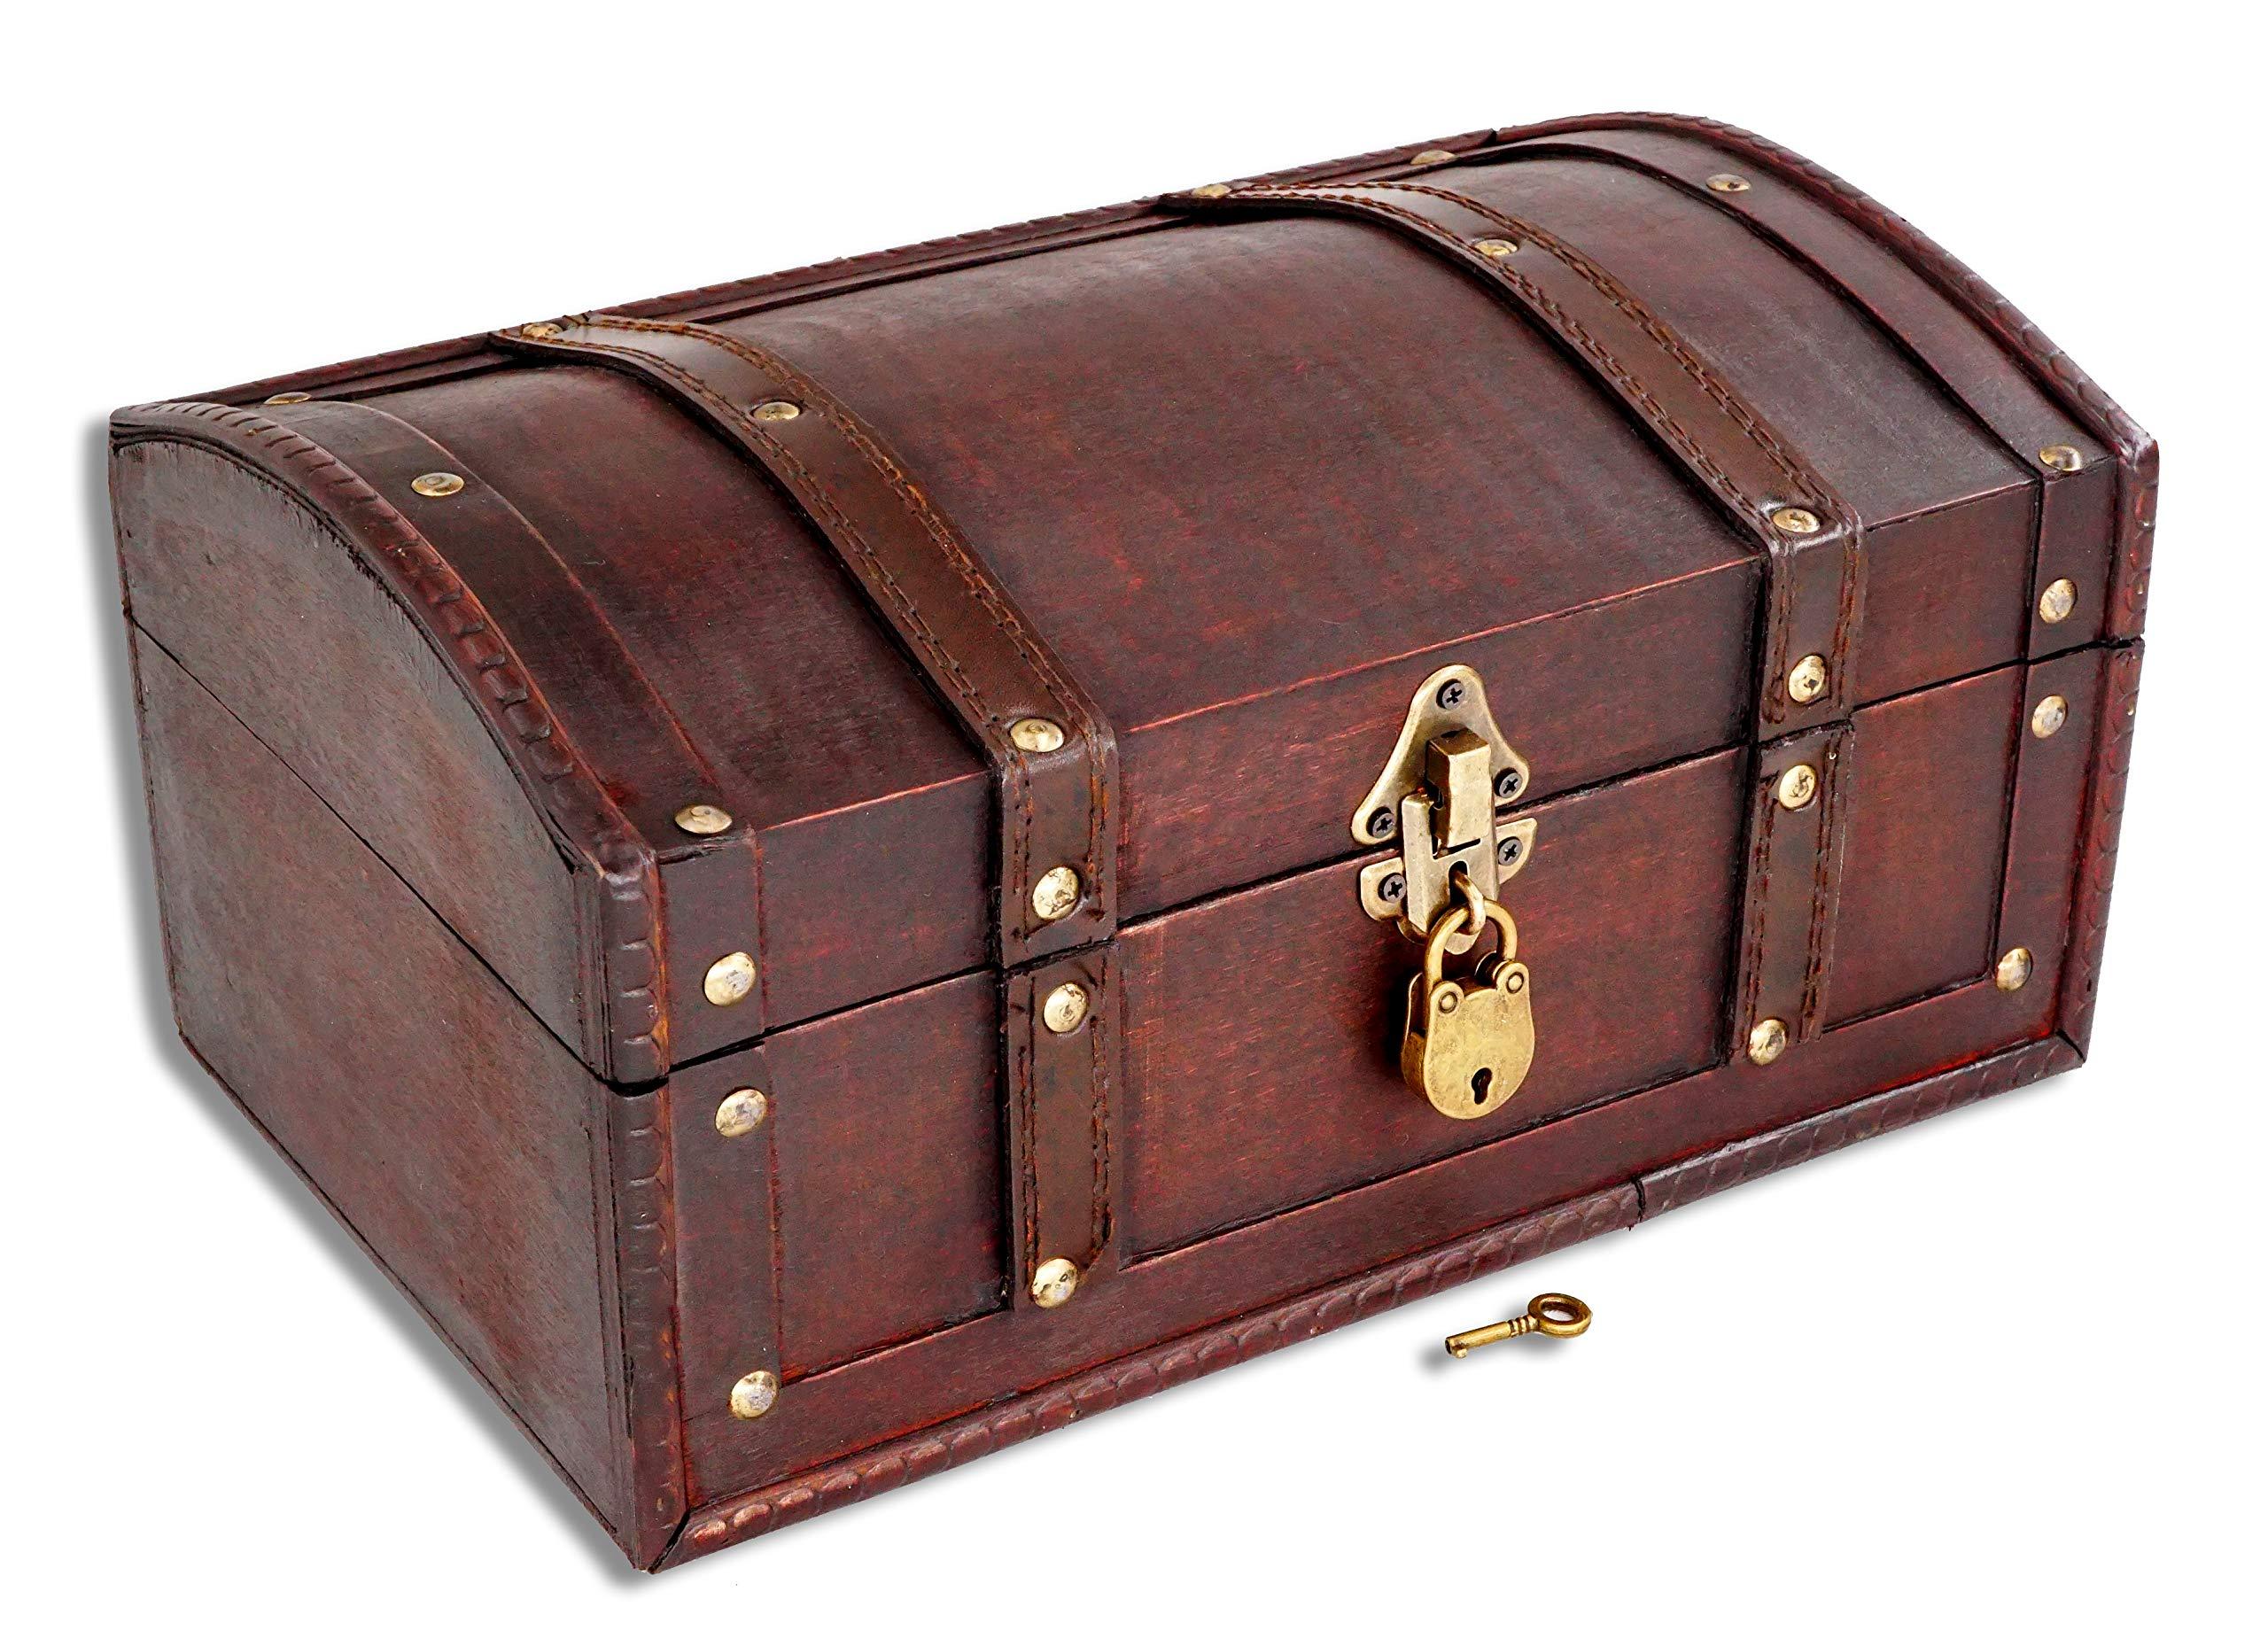 Brynnberg Caja de Madera Flanders 30x20x15cm - Cofre del Tesoro Pirata de Estilo Vintage - Hecha a Mano - Diseño Retro - joyero - con candado: Amazon.es: Hogar